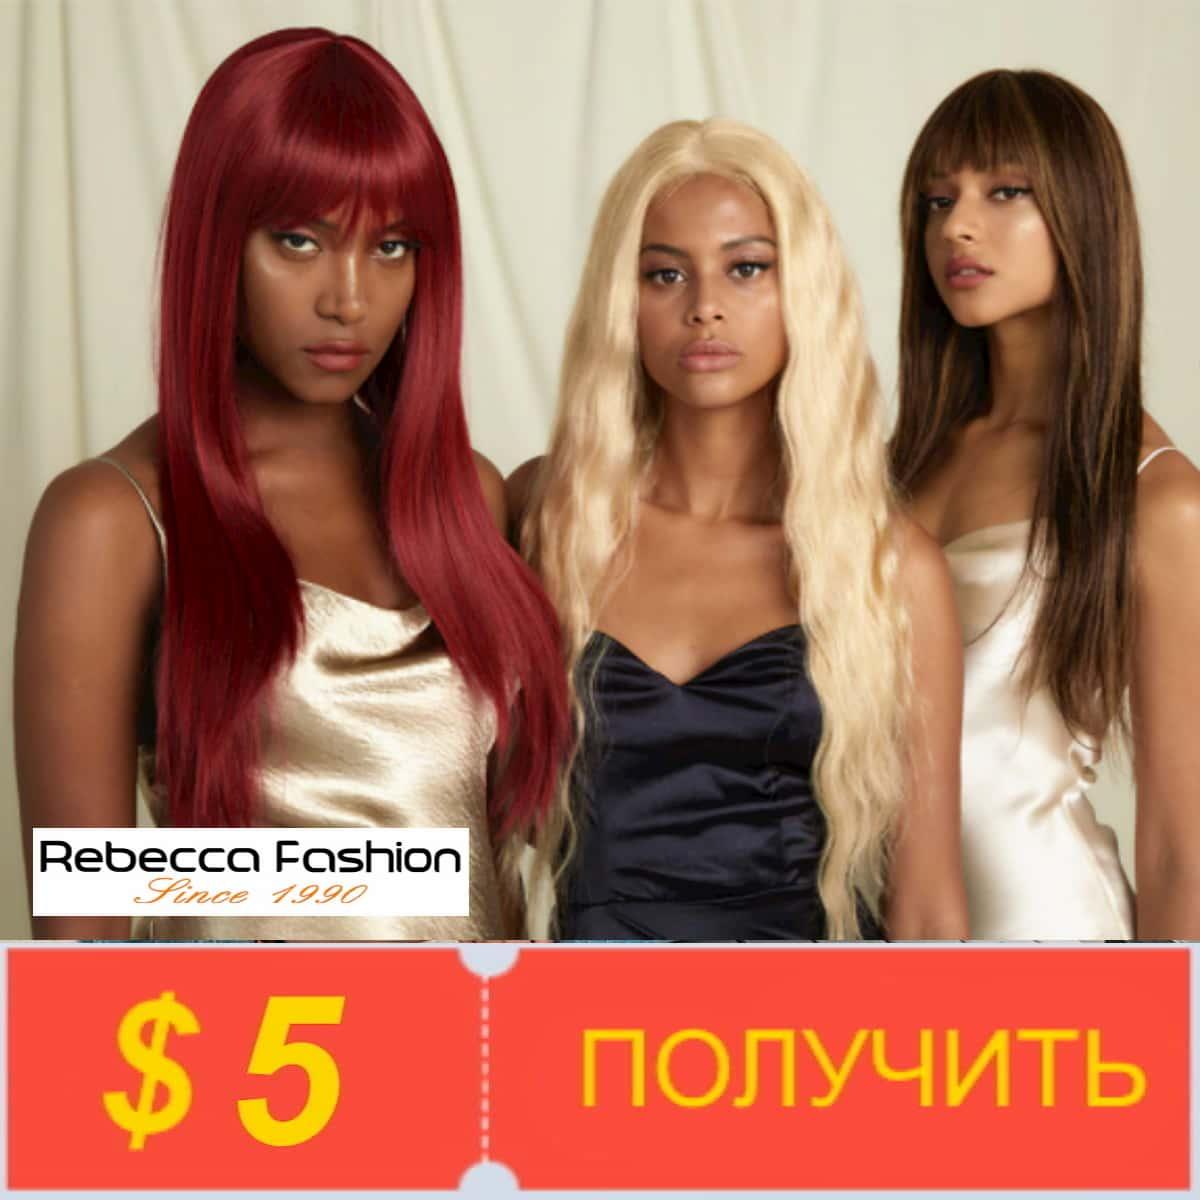 Получите купоны от Rebecca fashion Official Store на Алиэкспресс